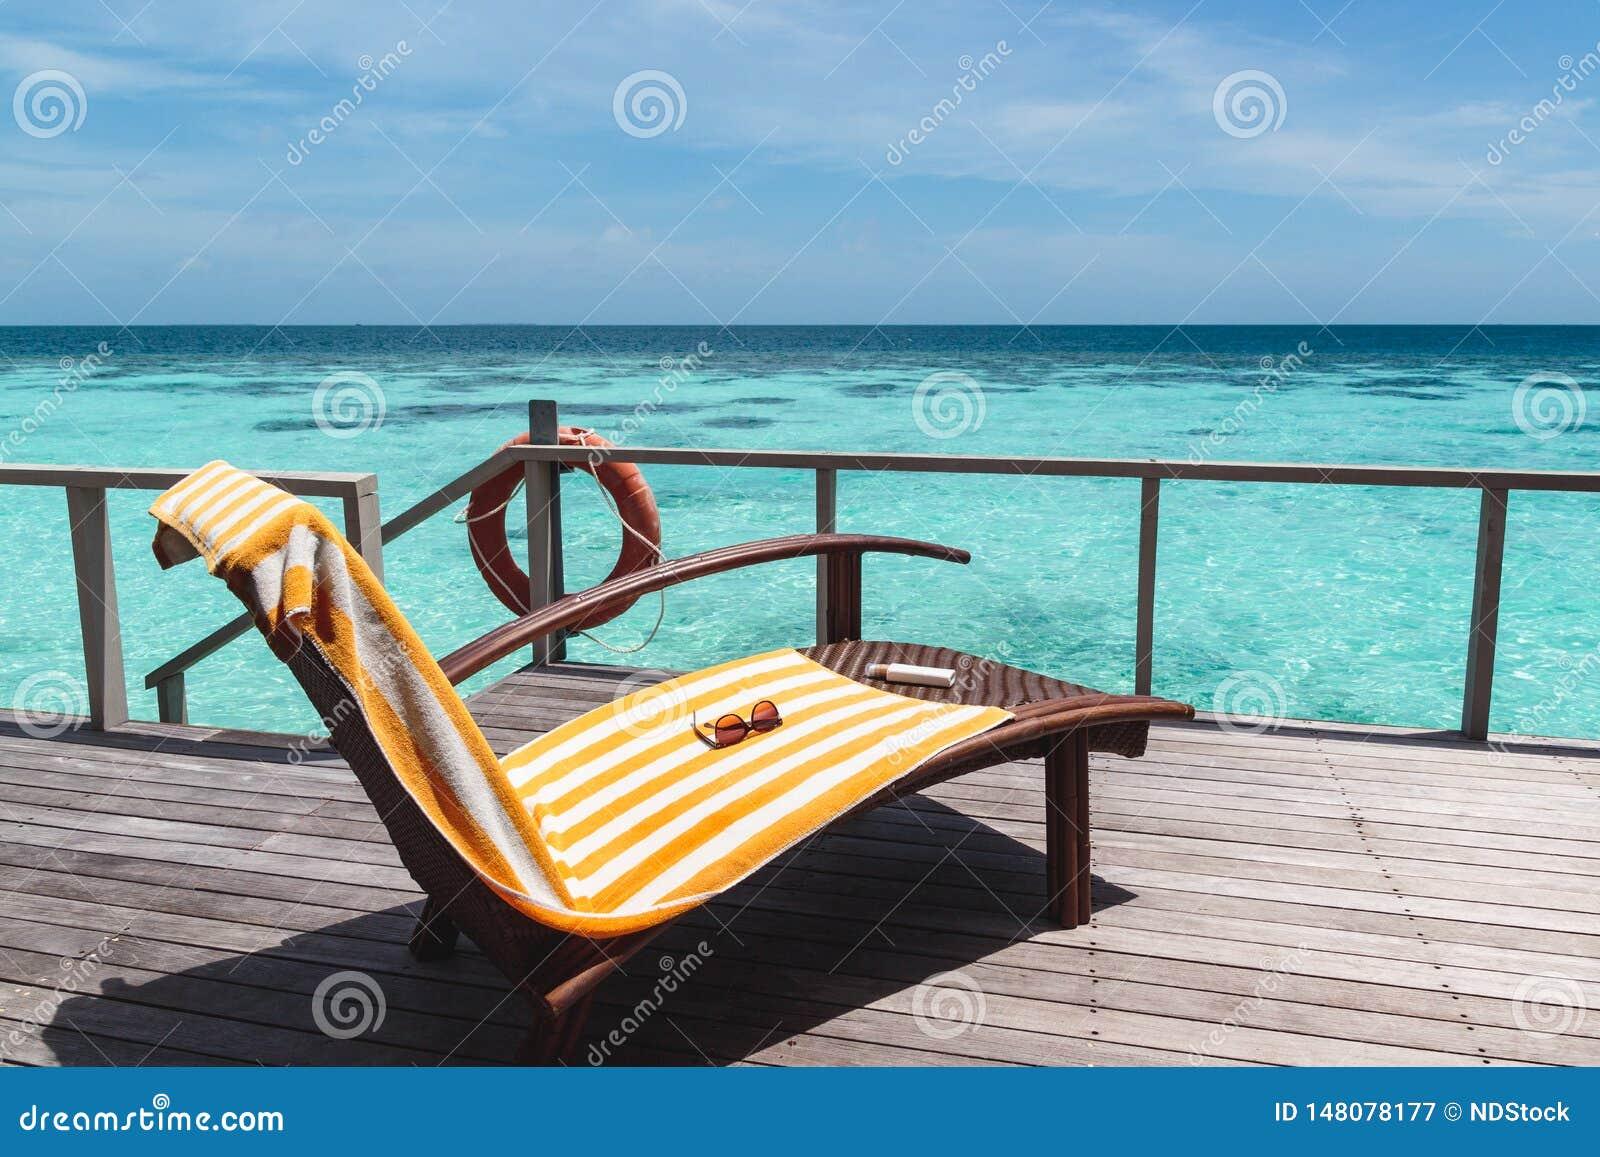 Sunchair com toalha em um terraço sobre a água azul clara durante um dia ensolarado